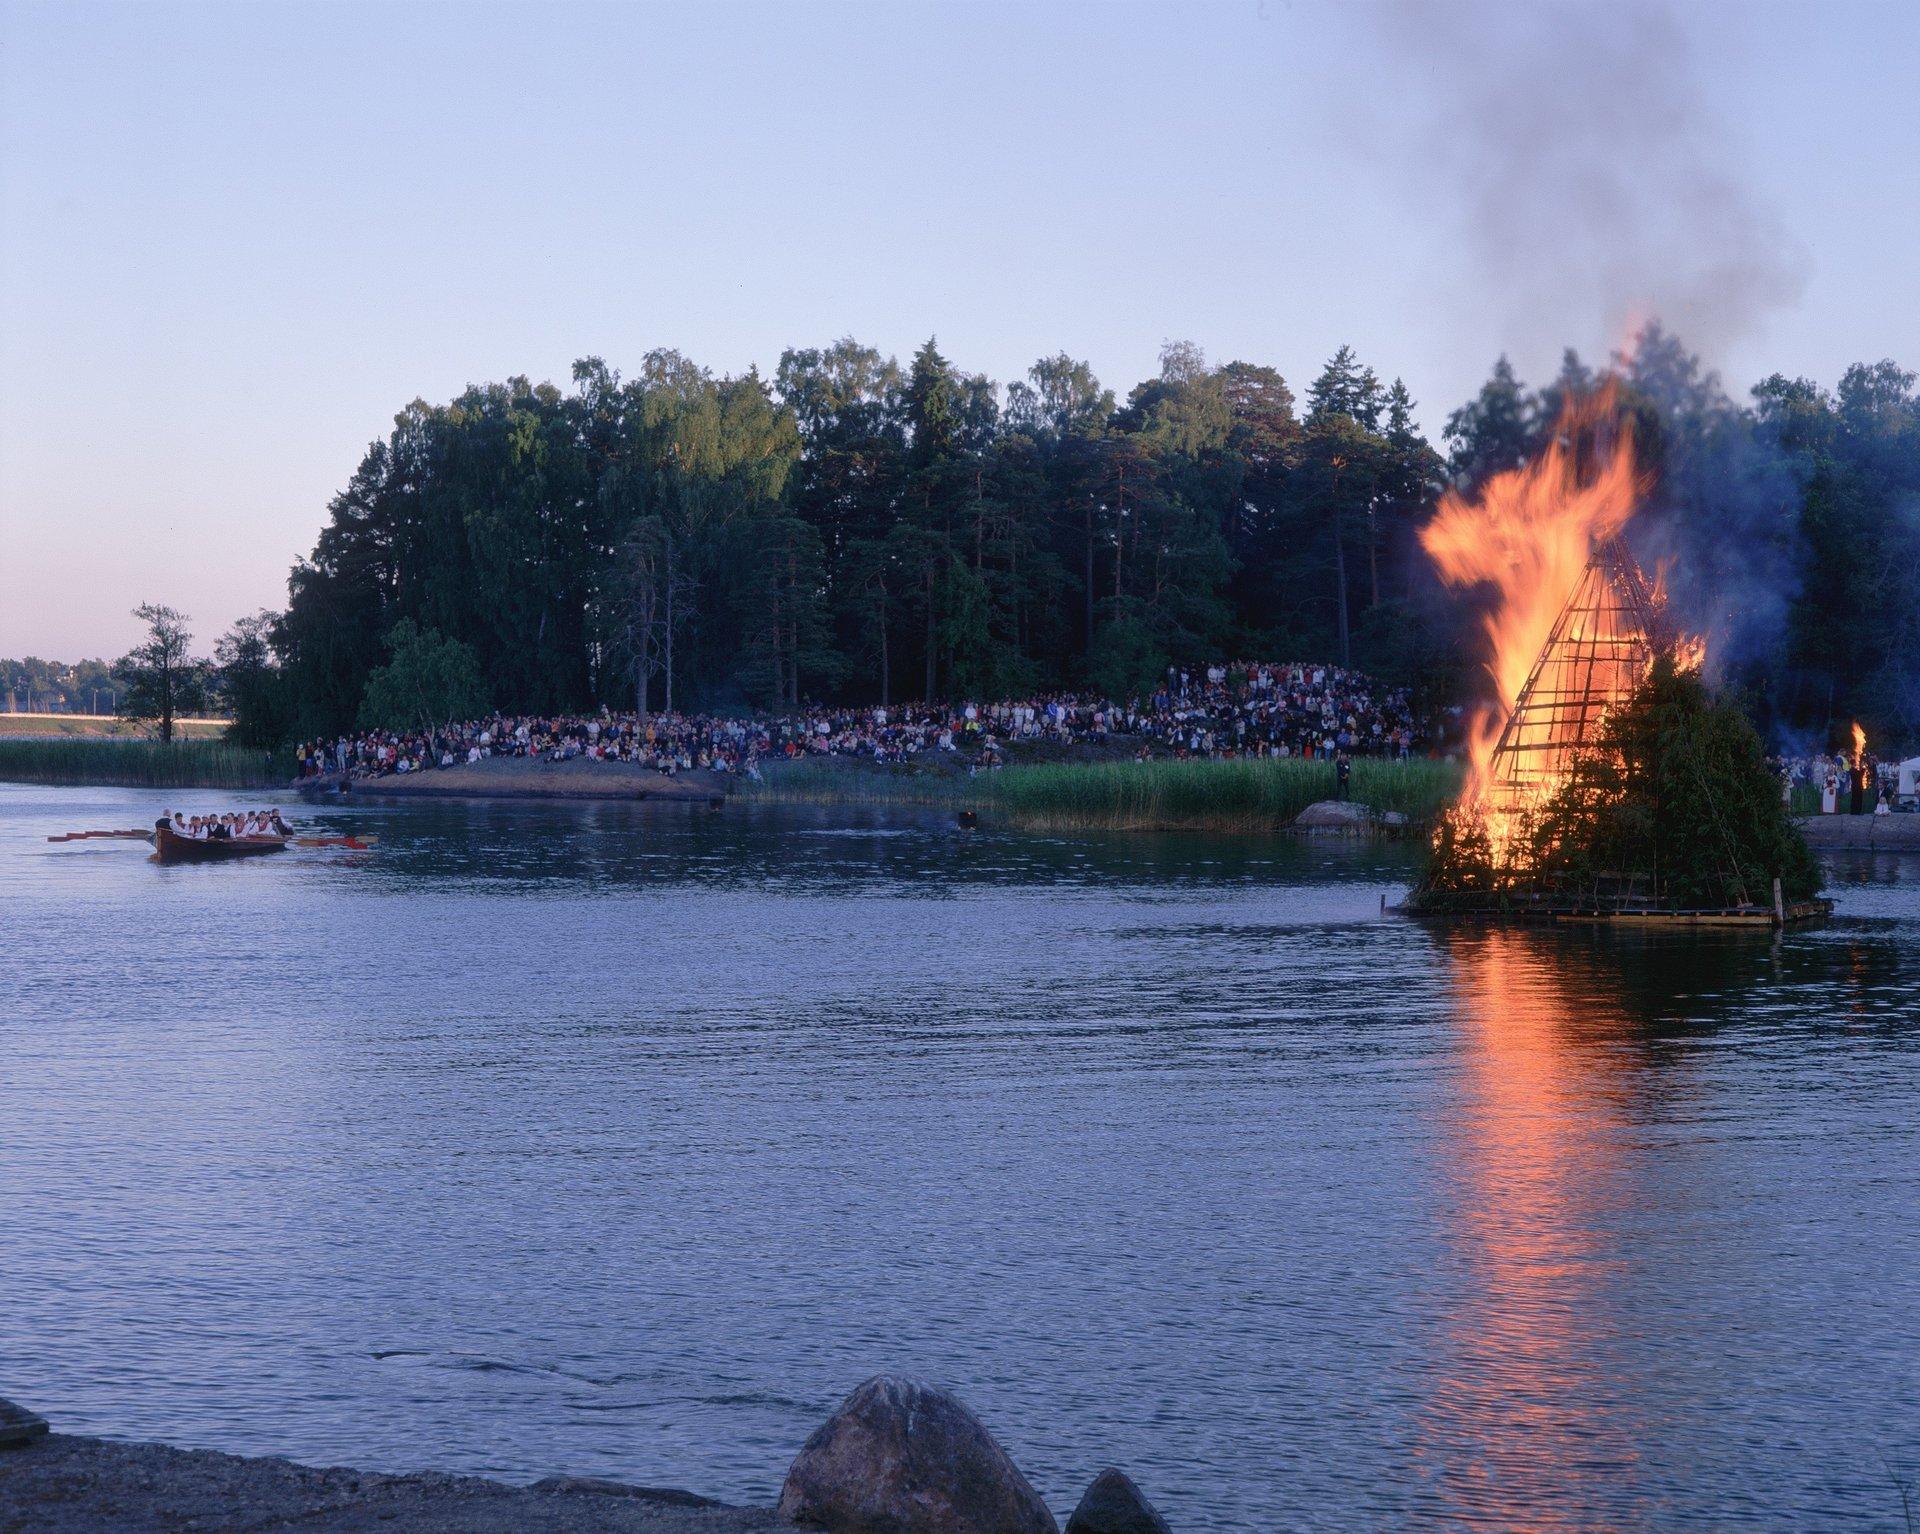 Kokko in Helsinki Midsummer Festival 2020